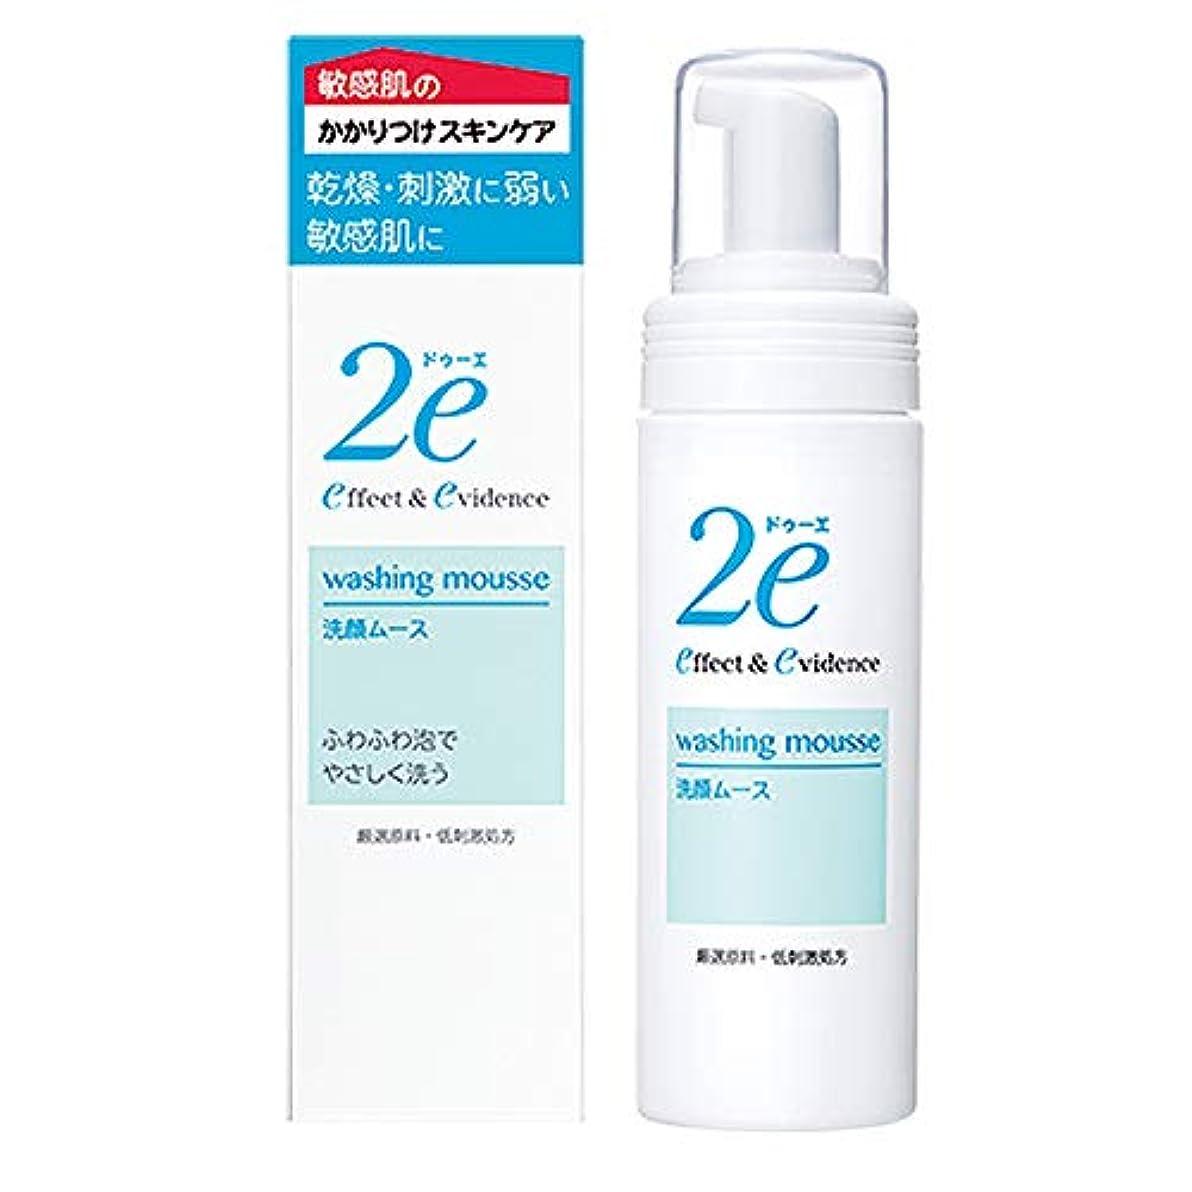 デザイナーパース解体する2e(ドゥーエ) 洗顔ムース 敏感肌用洗顔料 低刺激処方 泡で出てくるポンプタイプ 120ml